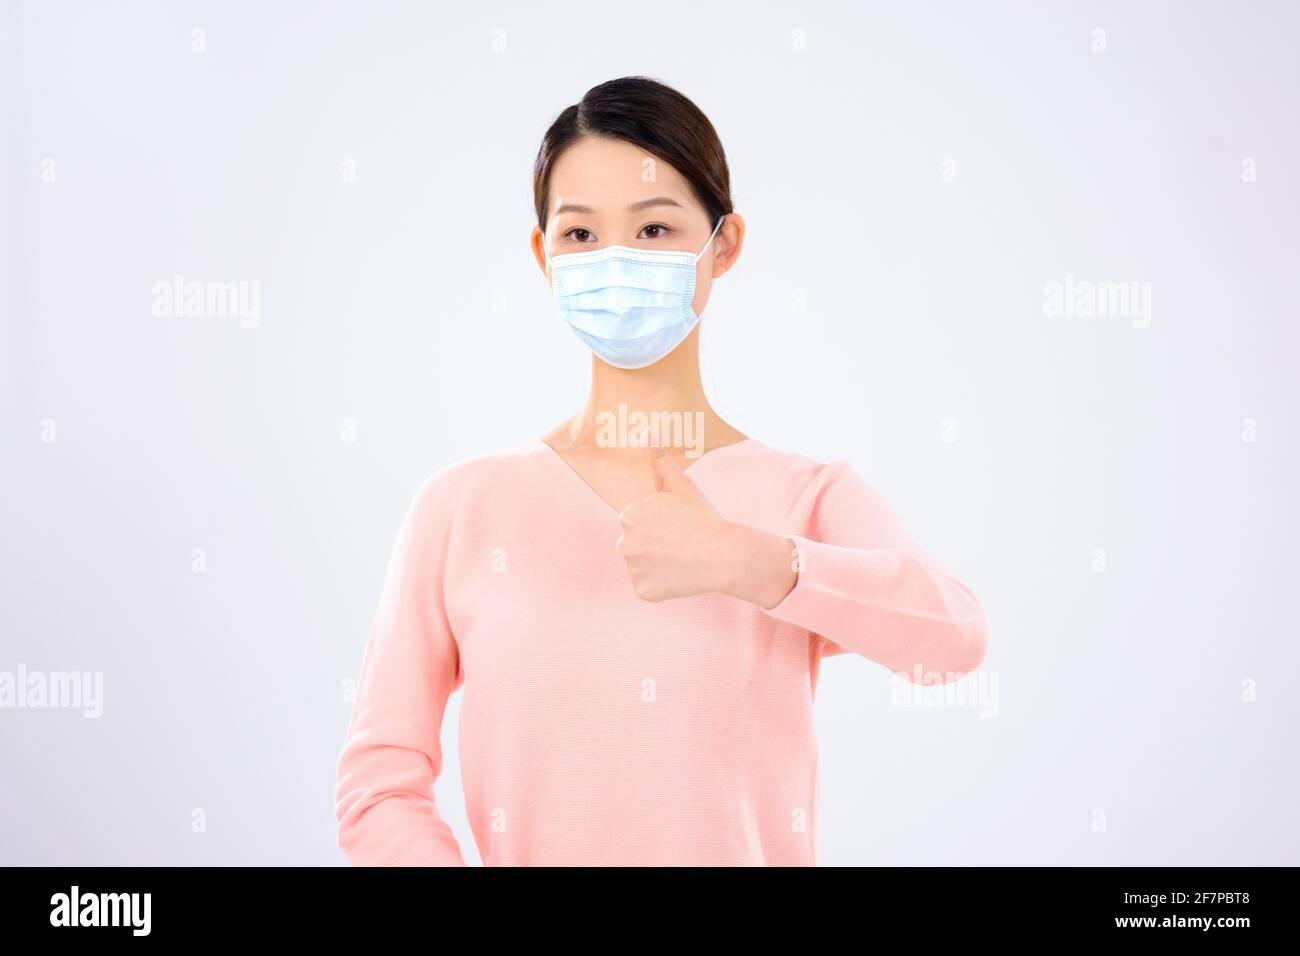 Une jeune femme avec un masque a tenu son pouce vue avant Banque D'Images